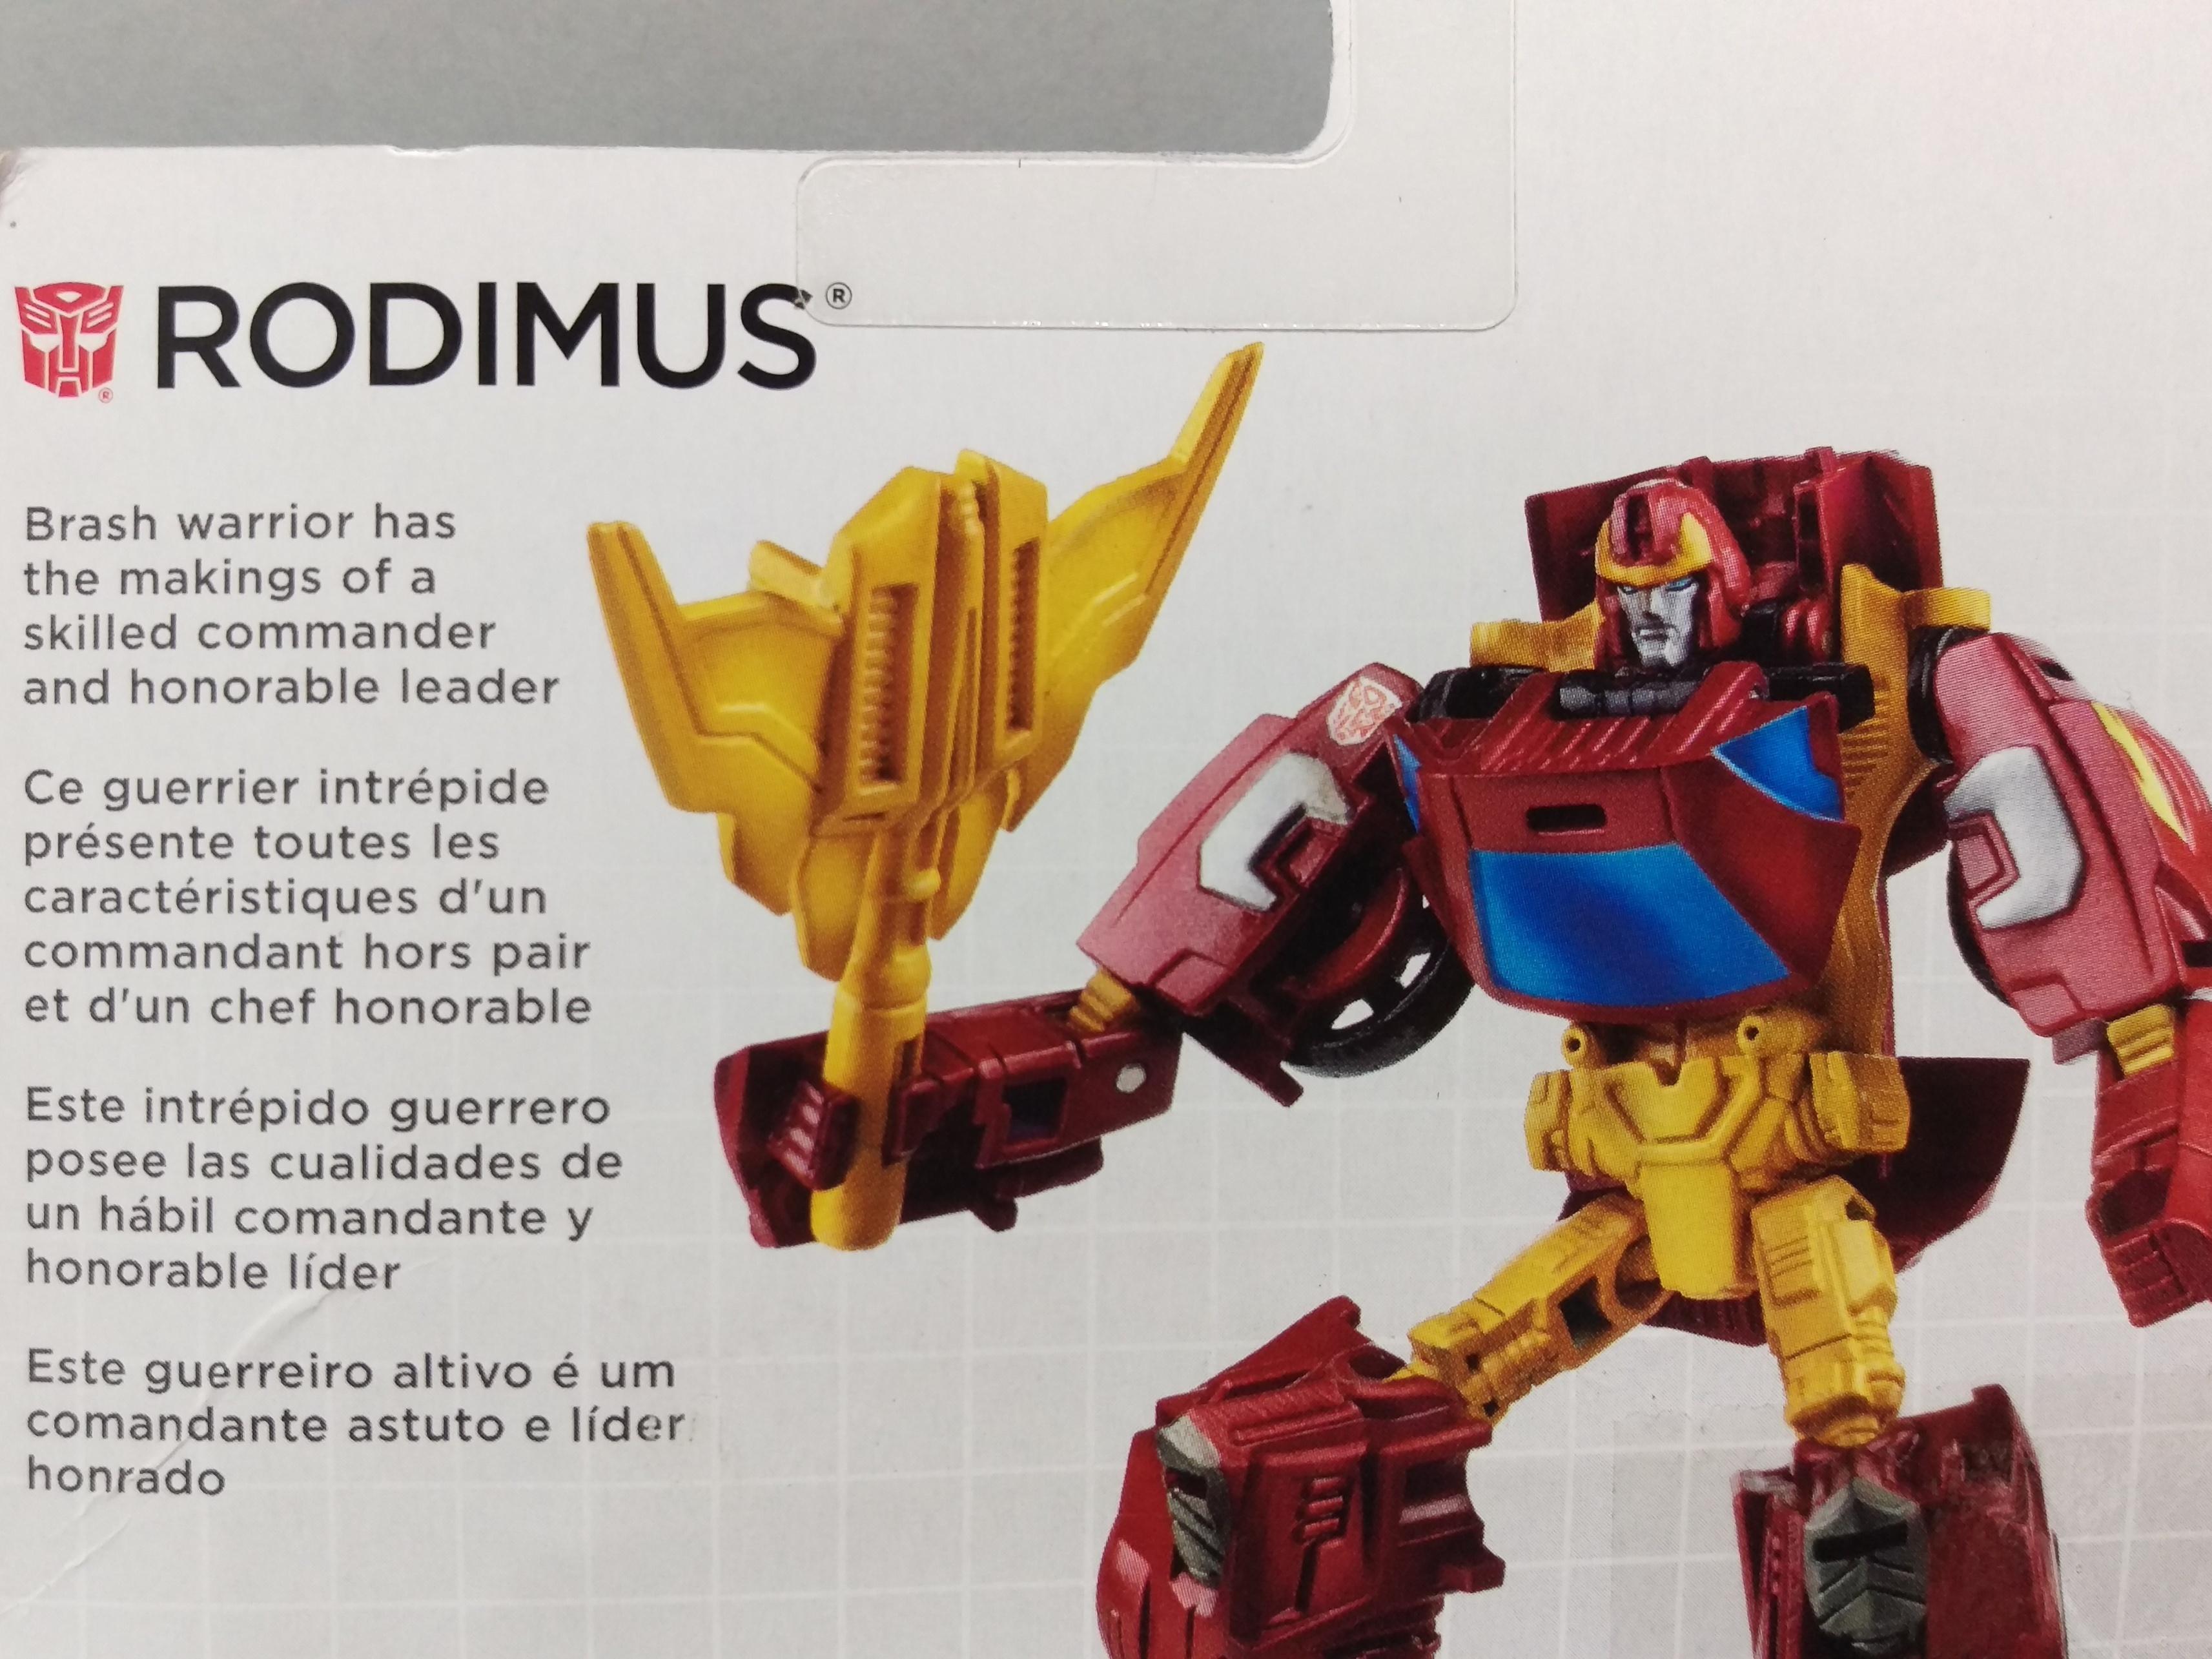 combiner_rodimus (3)